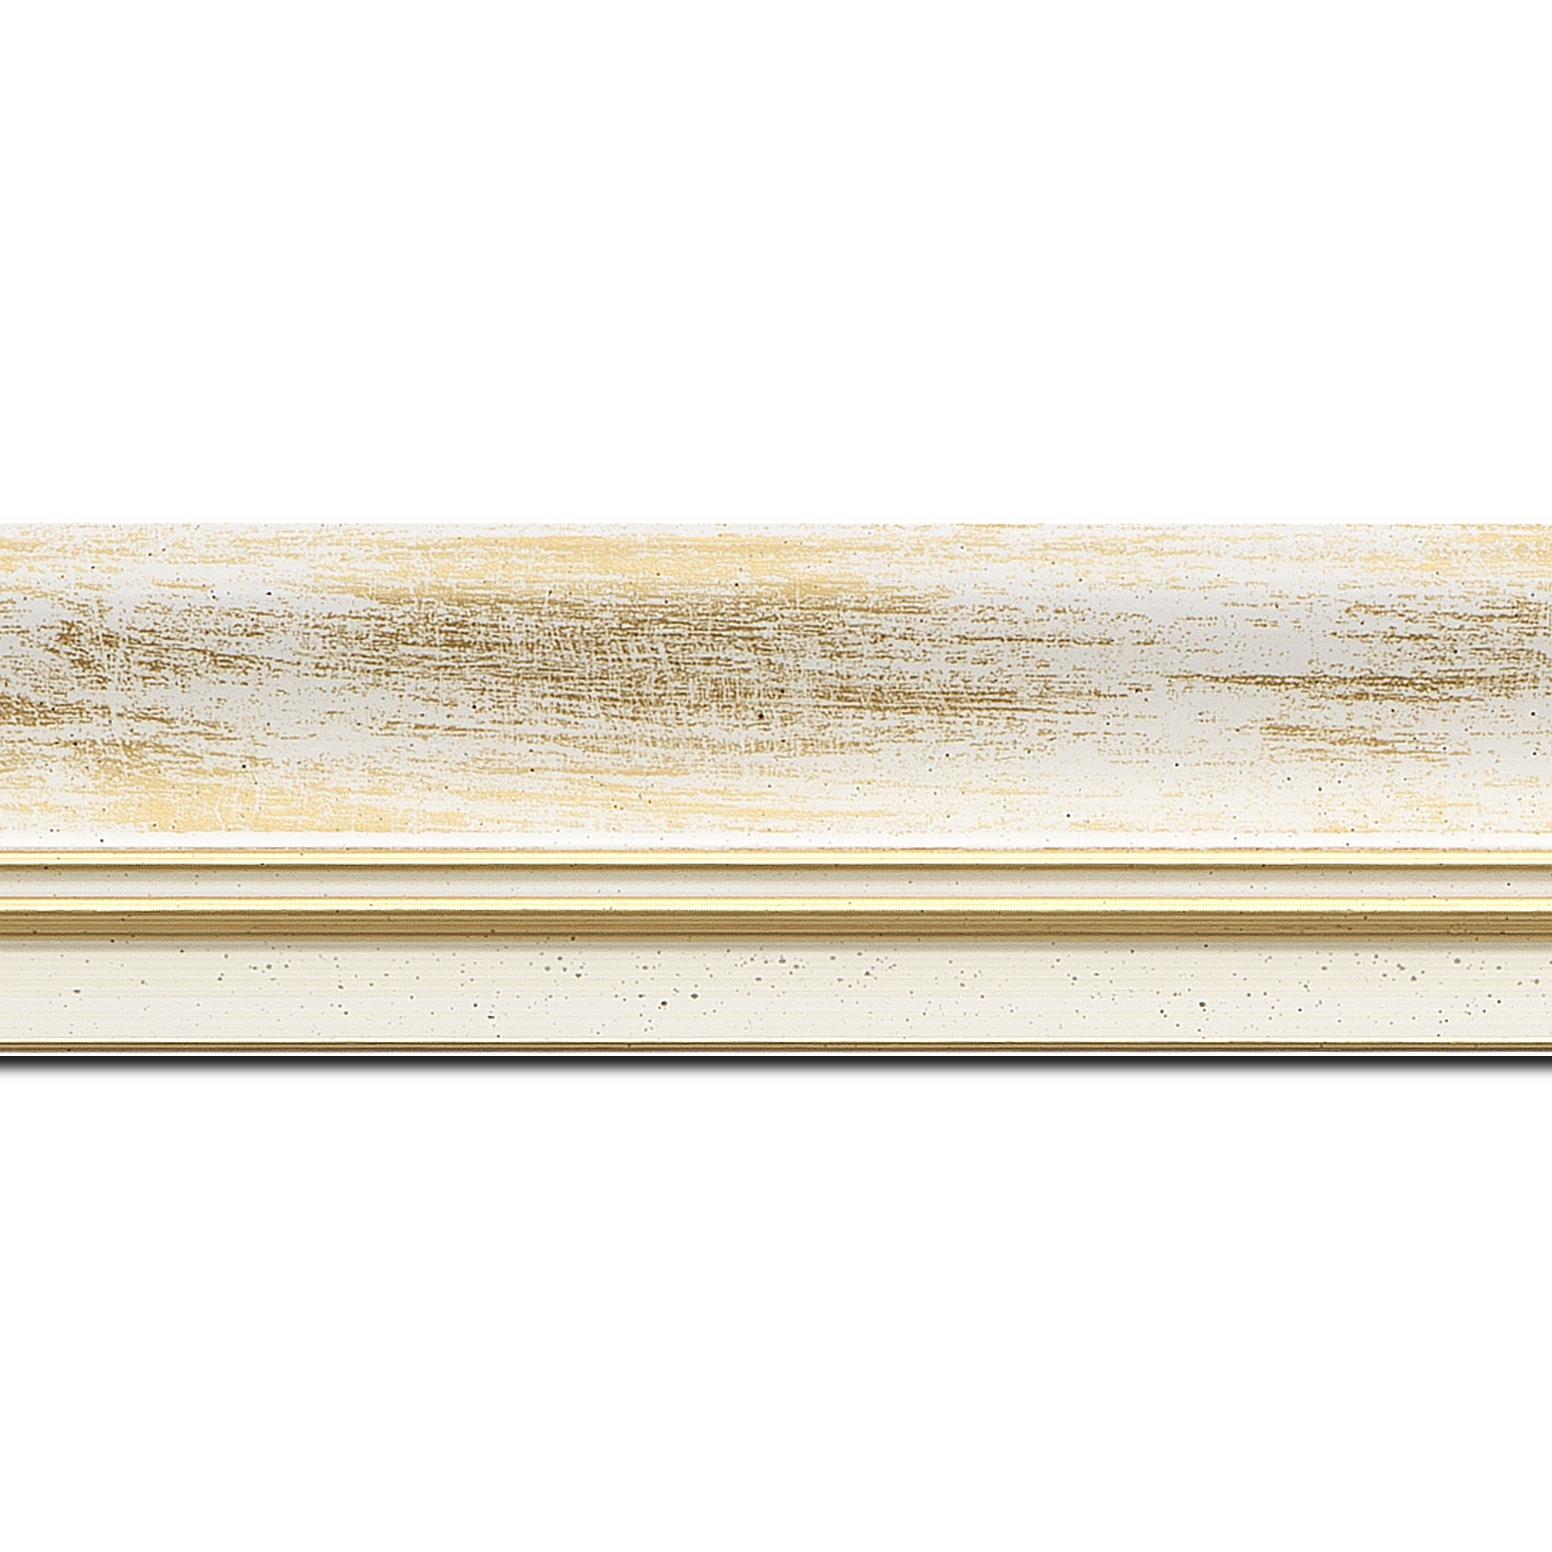 Pack par 12m, bois profil incurvé largeur 5.7cm de couleur blanc fond or marie louise blanche mouchetée filet or intégré(longueur baguette pouvant varier entre 2.40m et 3m selon arrivage des bois)